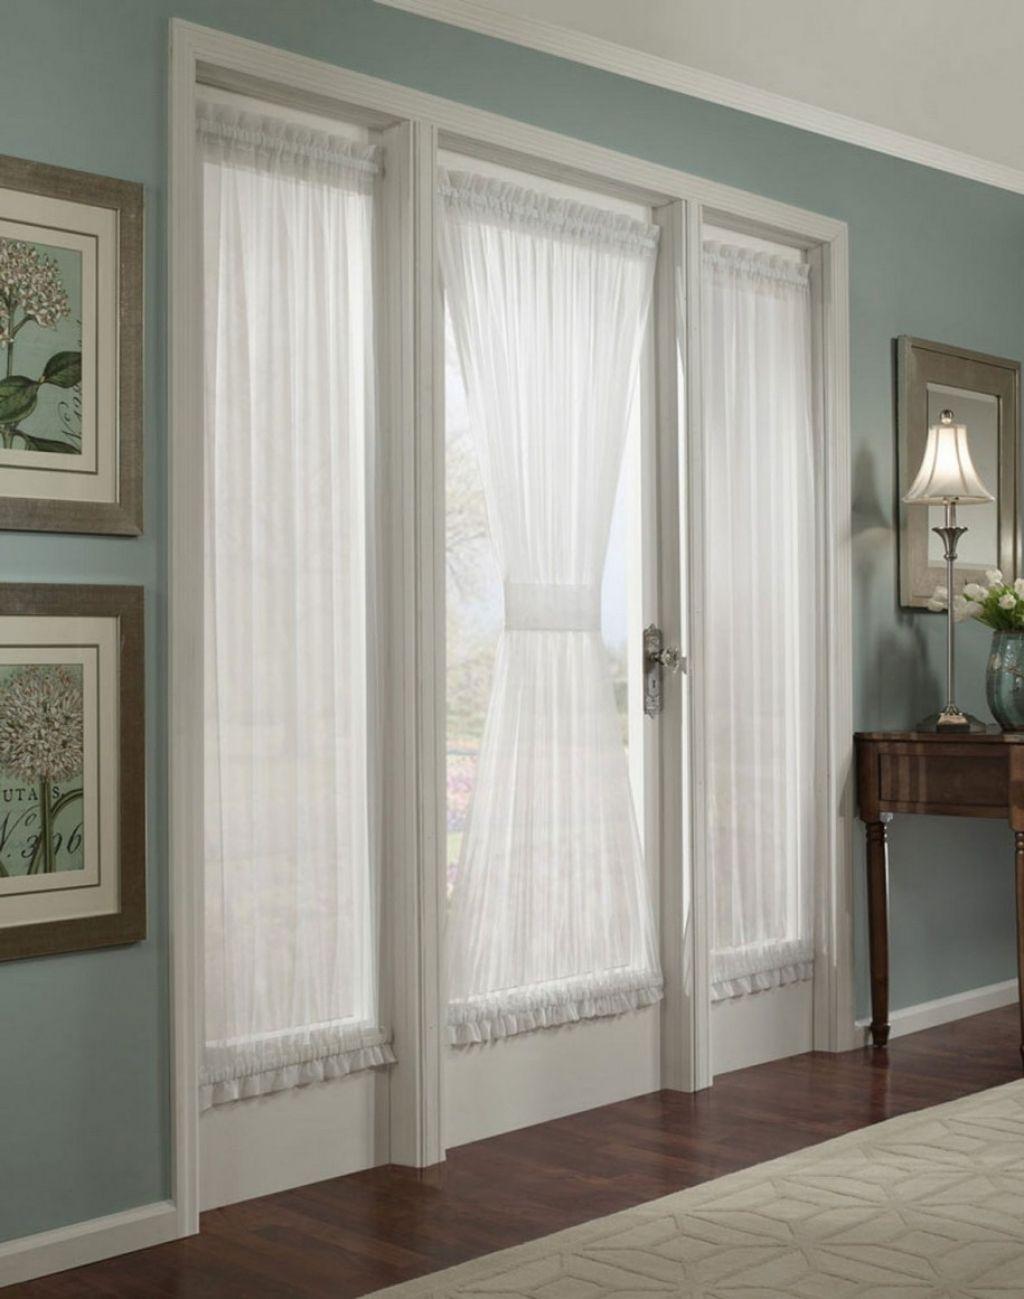 Шторы в комнату с балконной дверью | Штора дверь ...